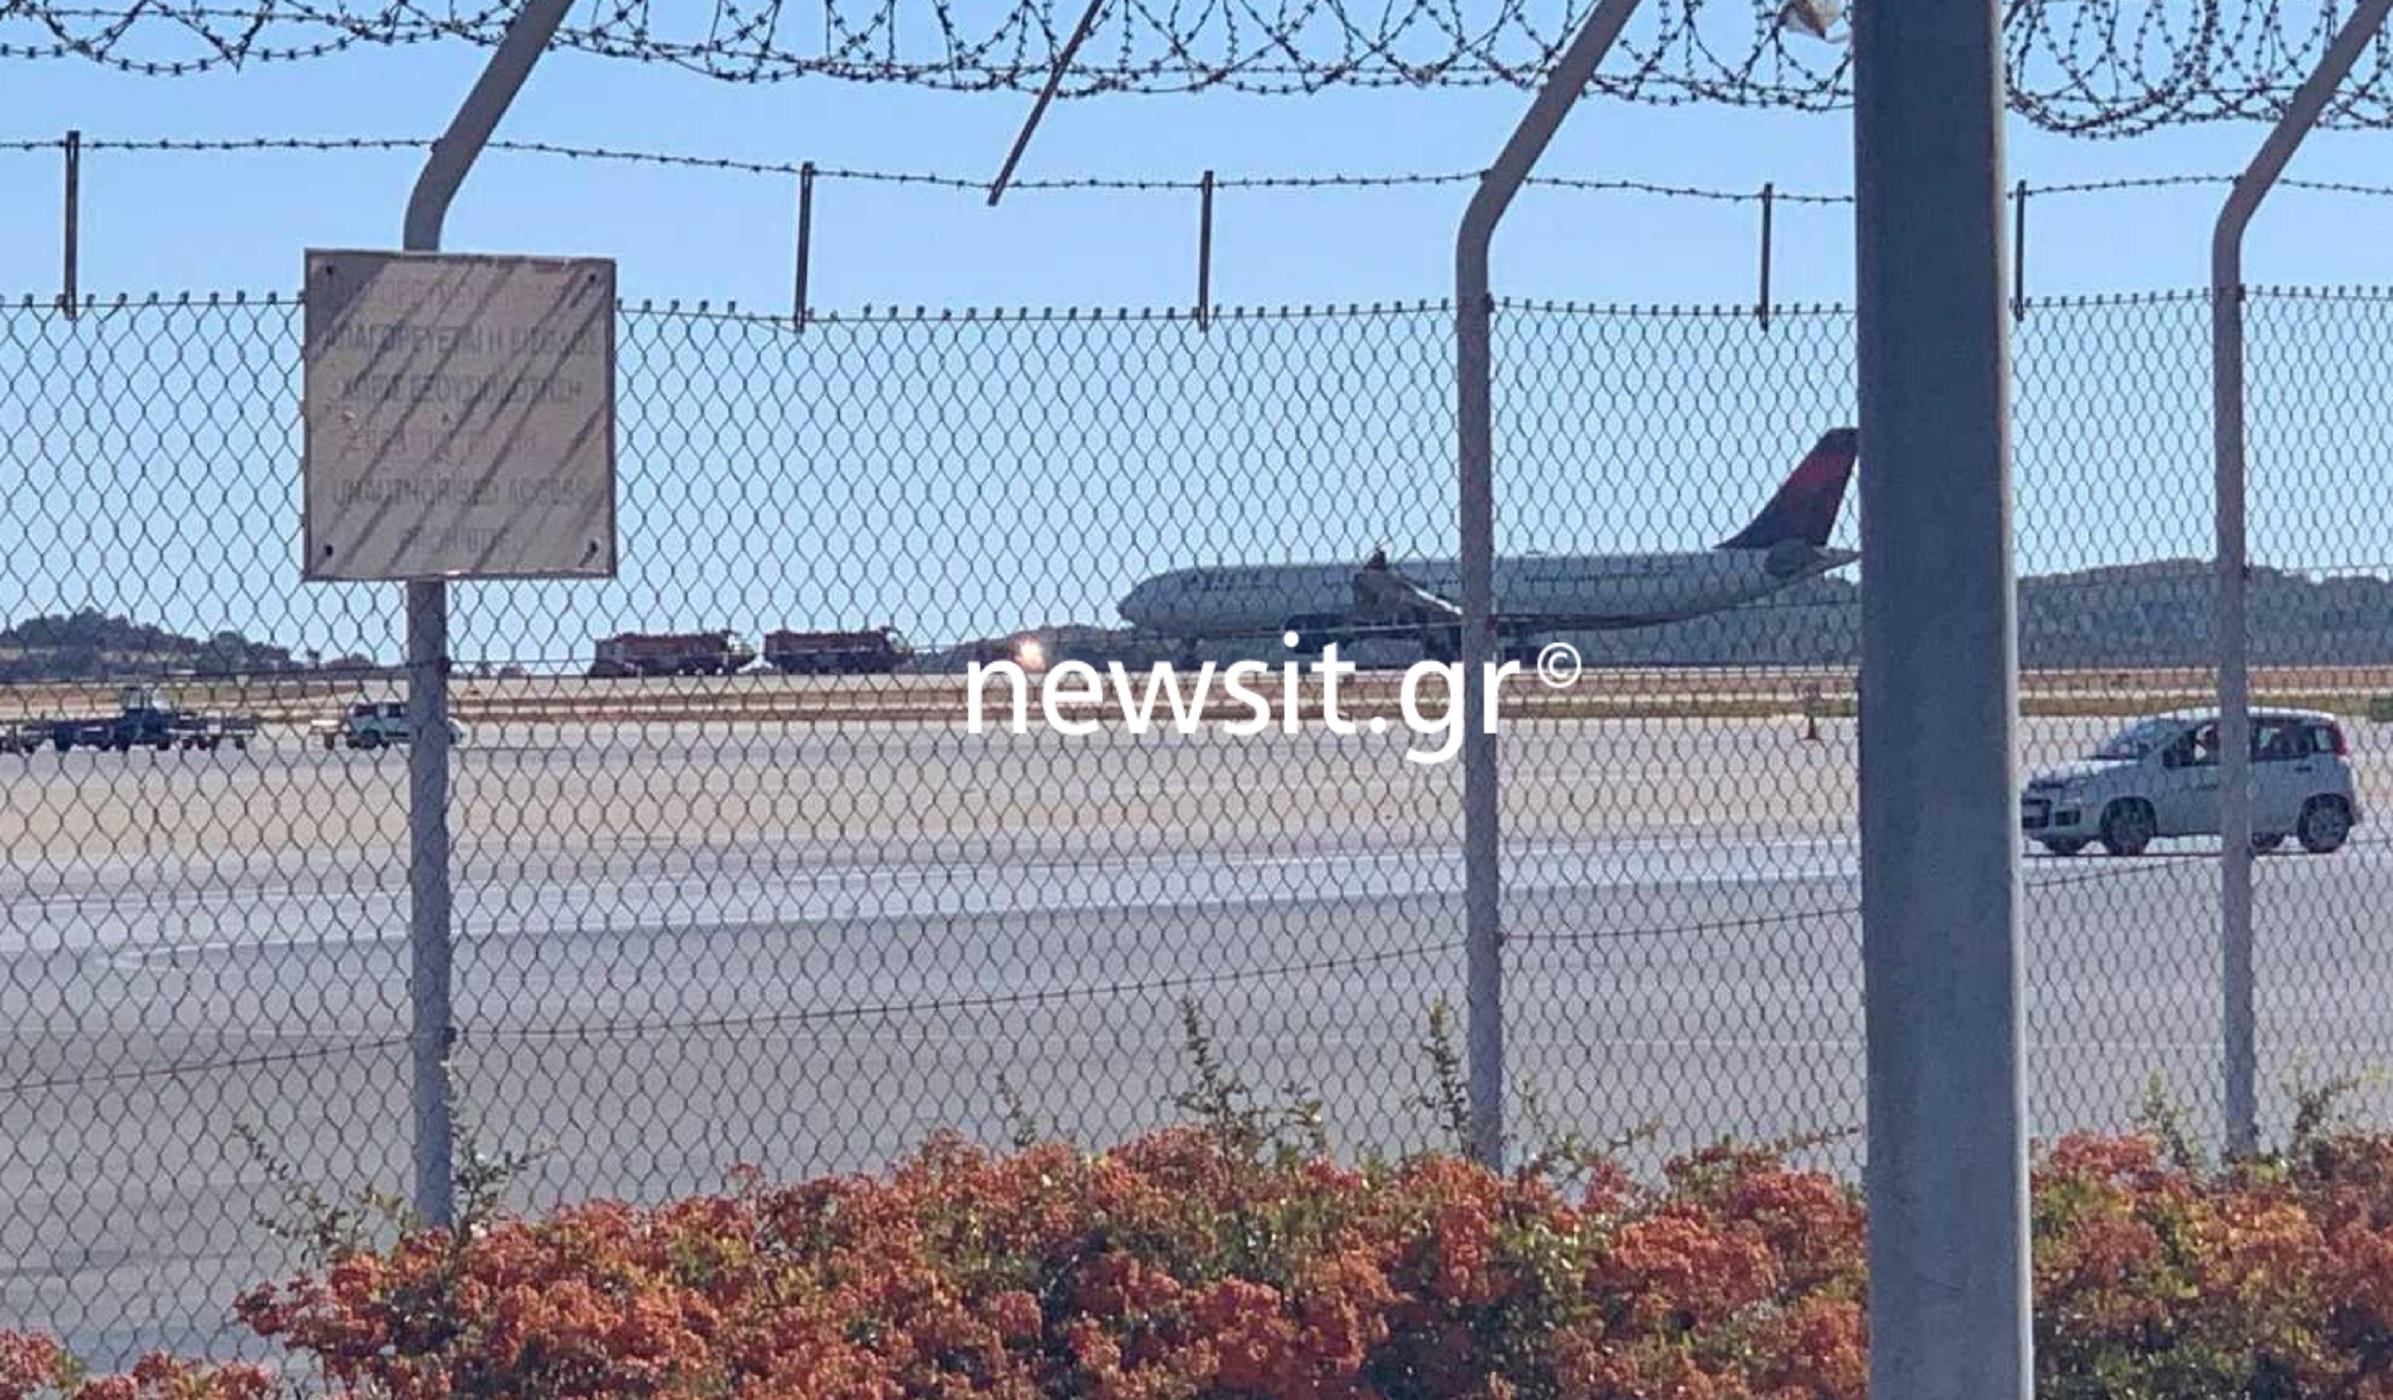 Ελευθέριος Βενιζέλος: Προσγειώθηκε με ασφάλεια το αεροπλάνο που παρουσίασε βλάβη στα φρένα